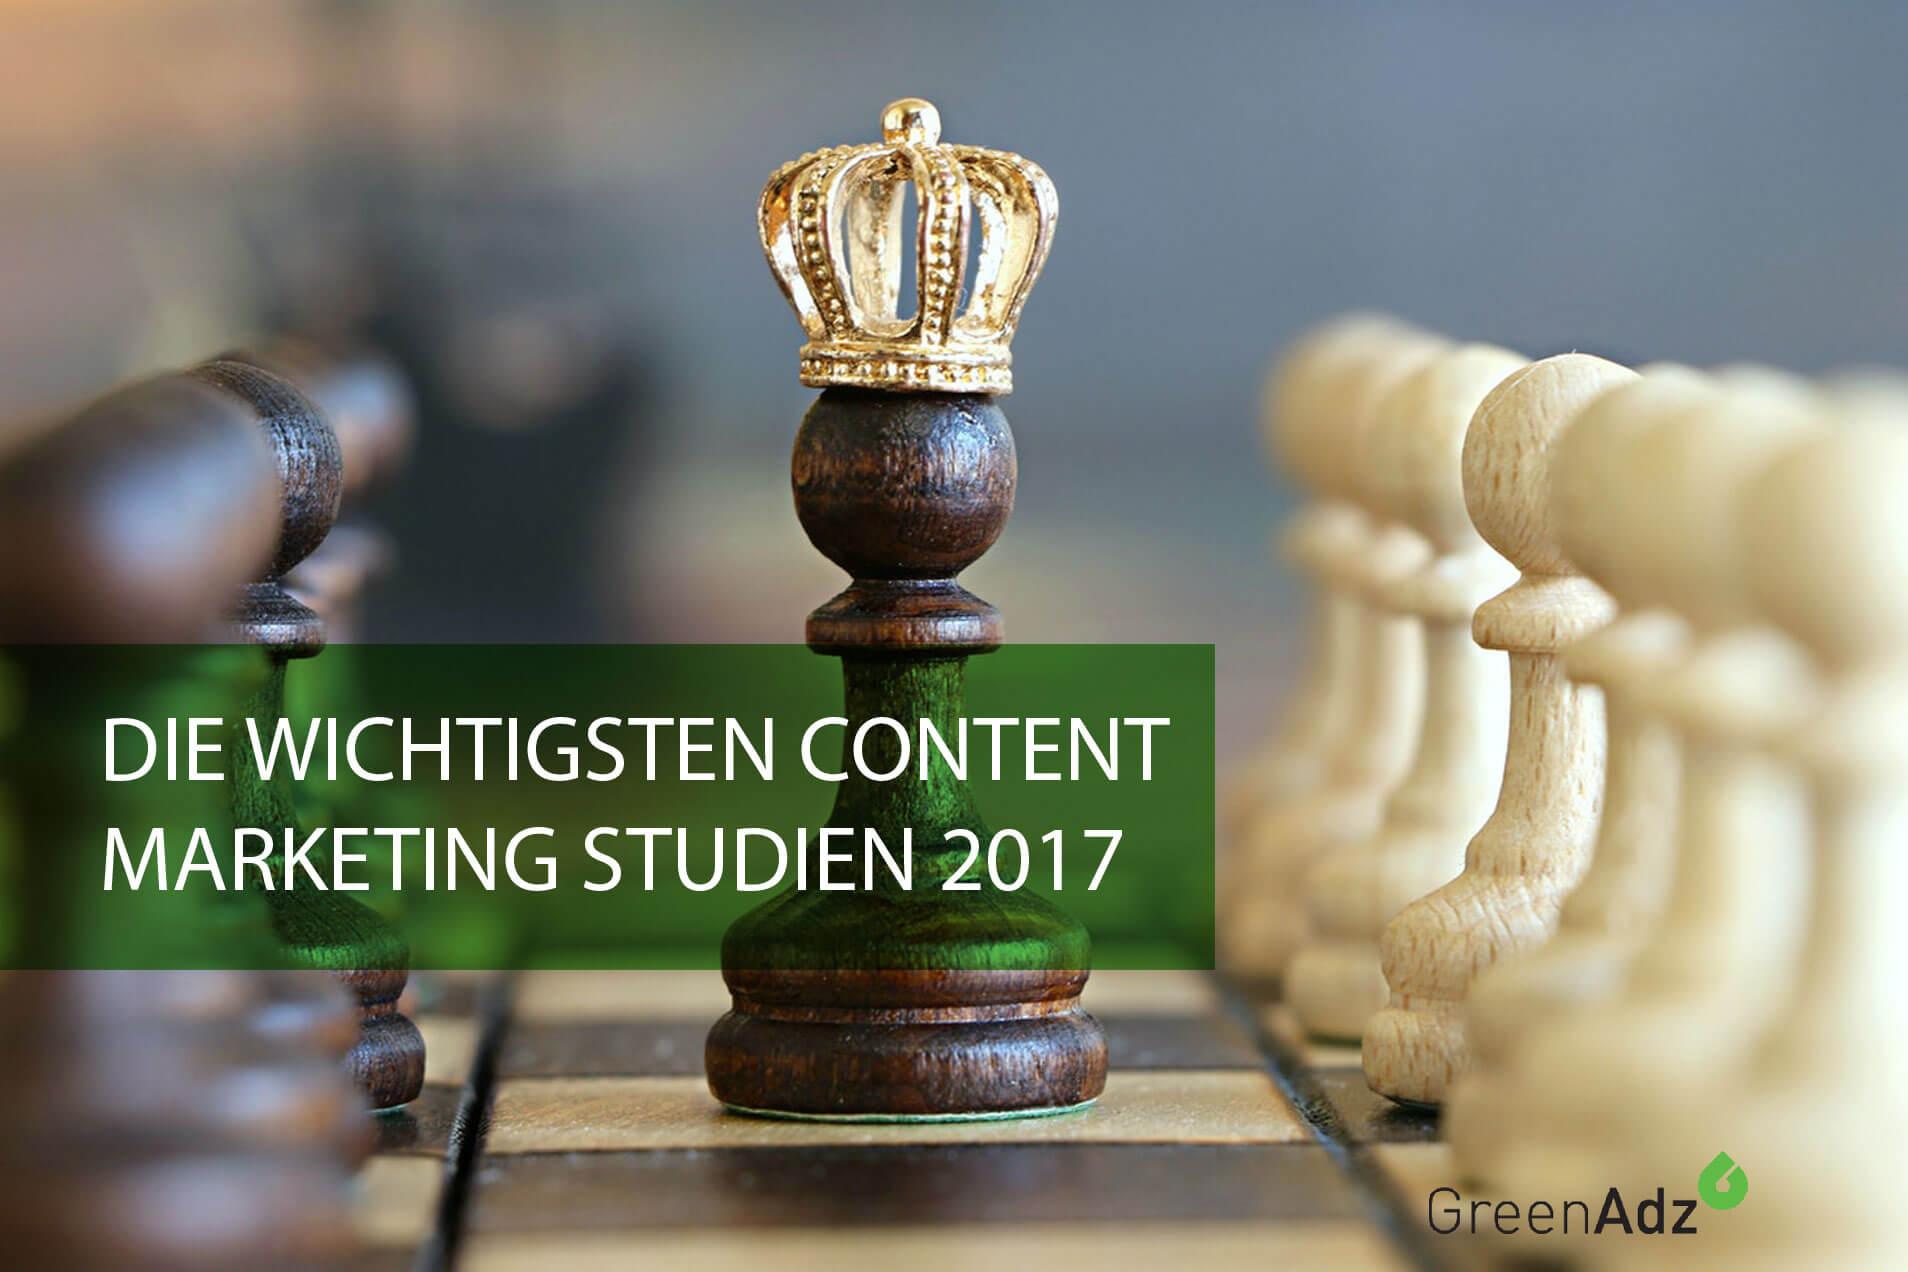 Top Content Marketing Studien